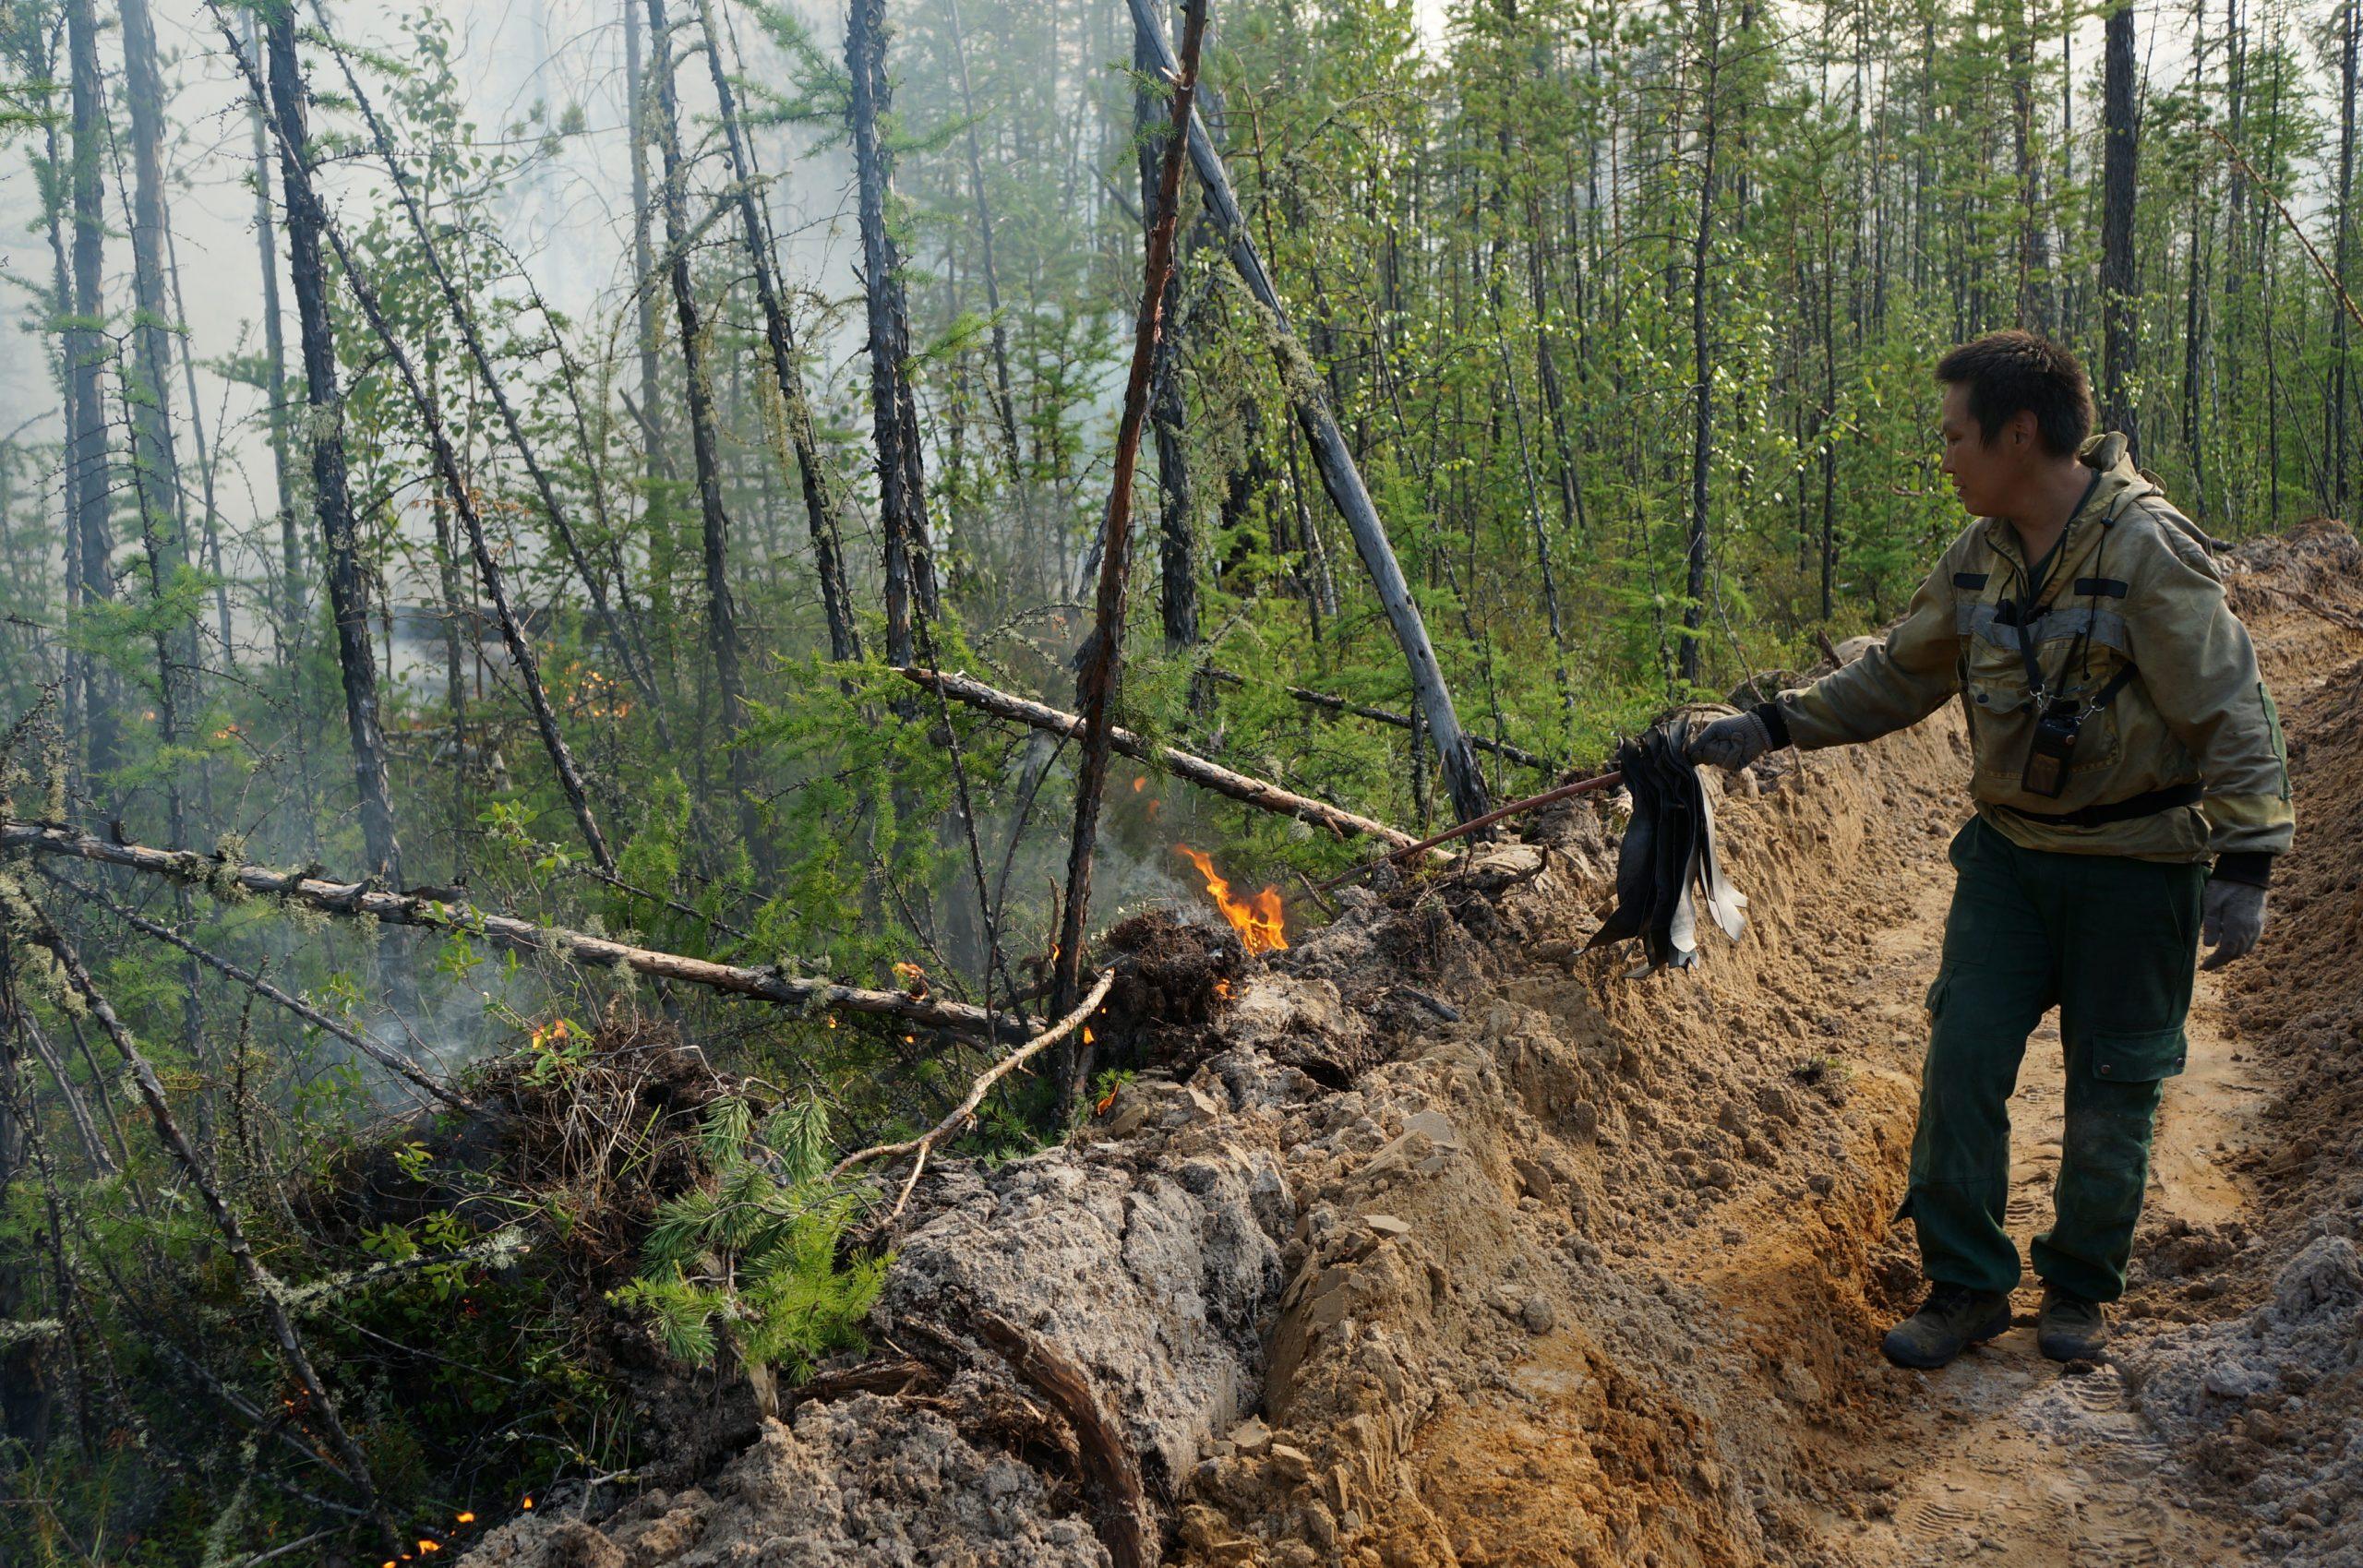 Встречный отжиг лесных пожаров проведут в Горном районе Якутии